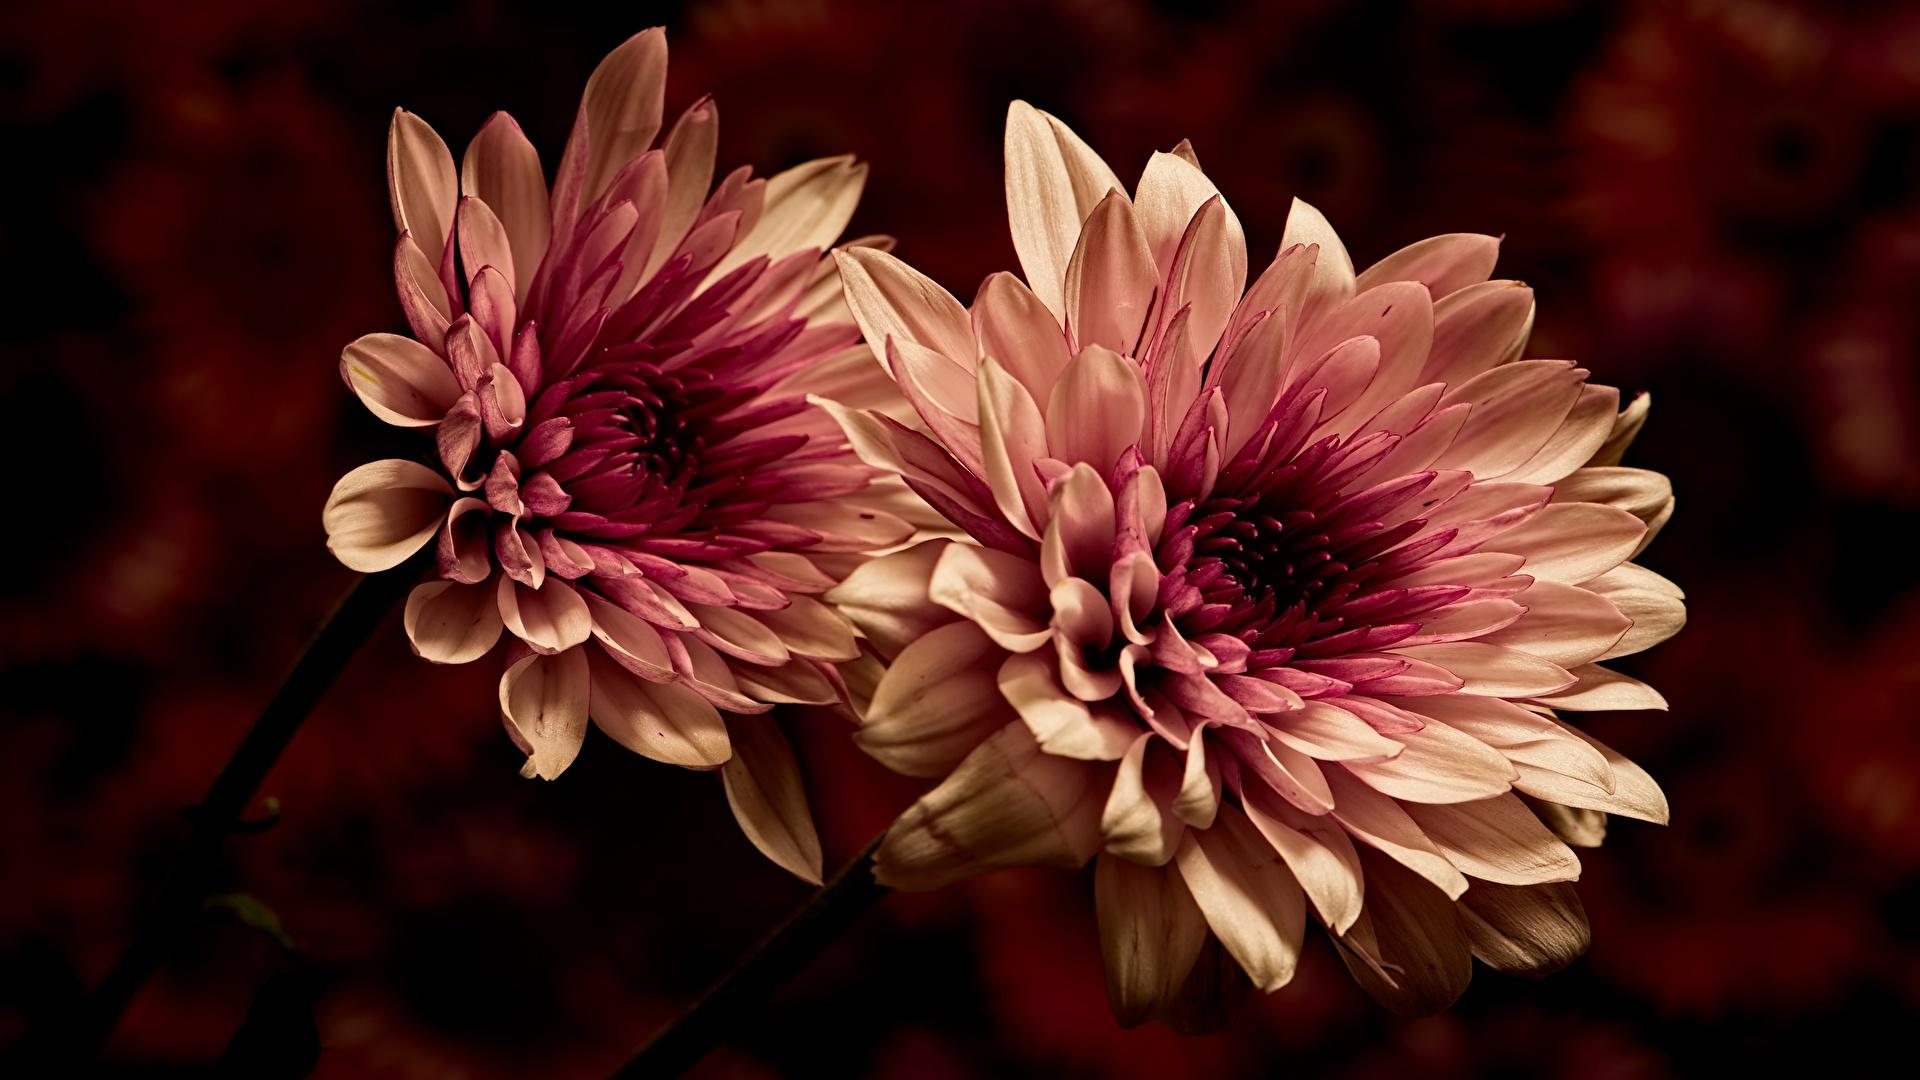 Image Two Dahlias Flowers Closeup 1920x1080 2 flower